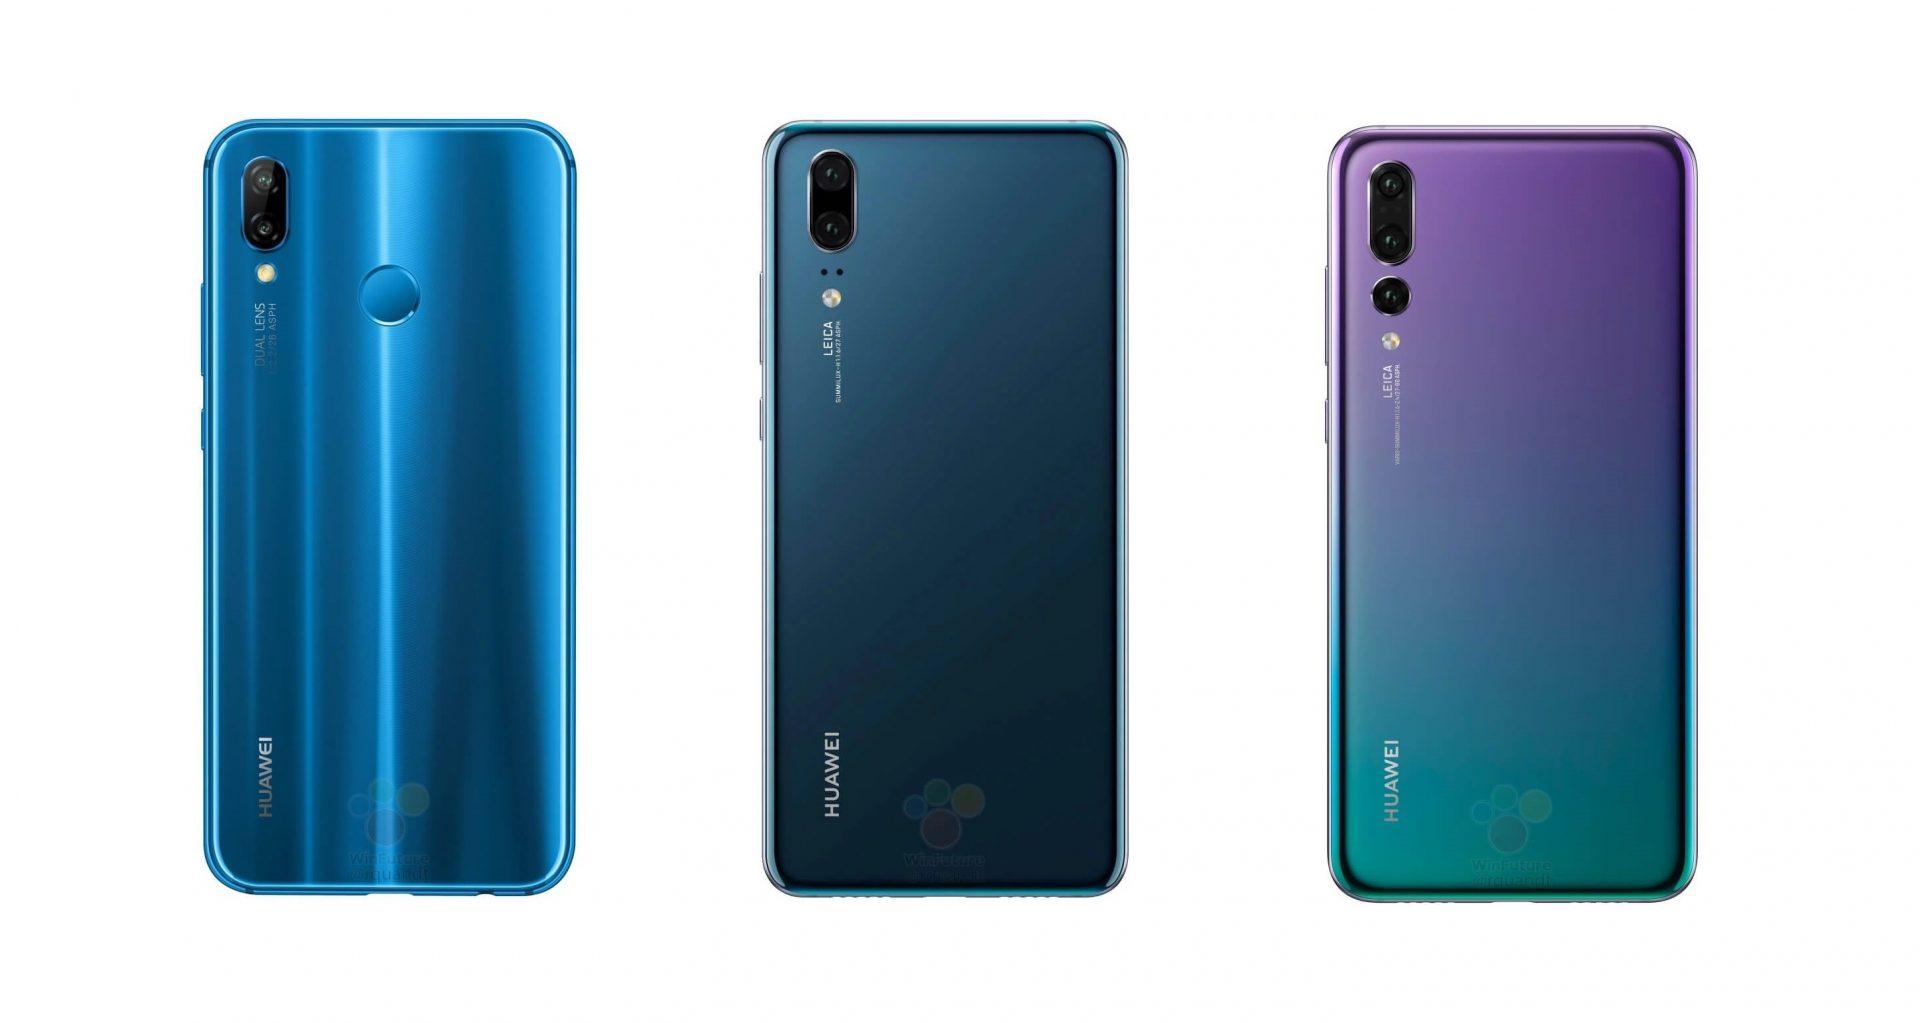 Huawei P20, P20 Pro et P20 Lite  rendu, fiche technique et prix e9935d828c81